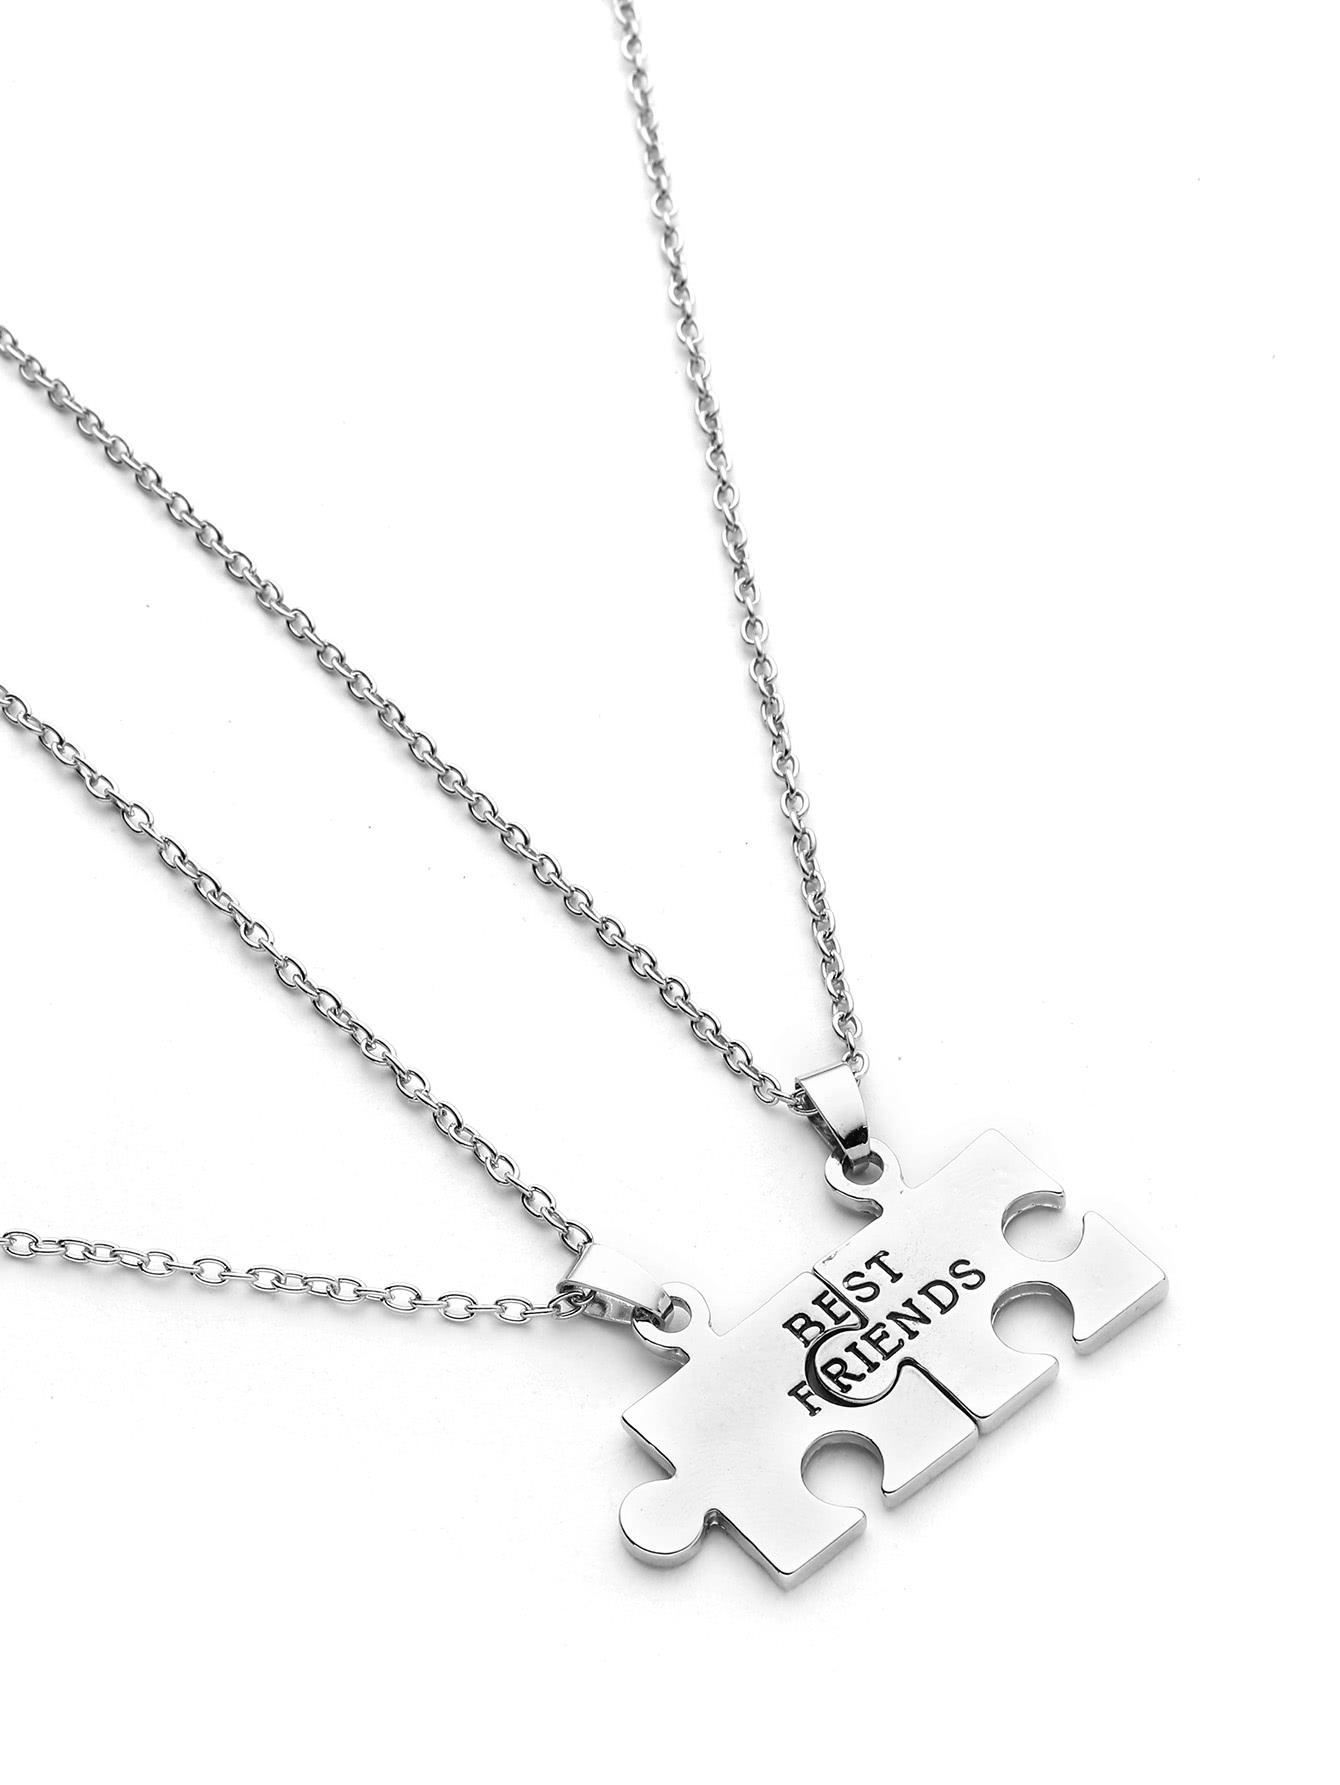 Geometric Puzzle Friendship Pendant Necklace 2pcs geometric puzzle friendship pendant necklace 2pcs